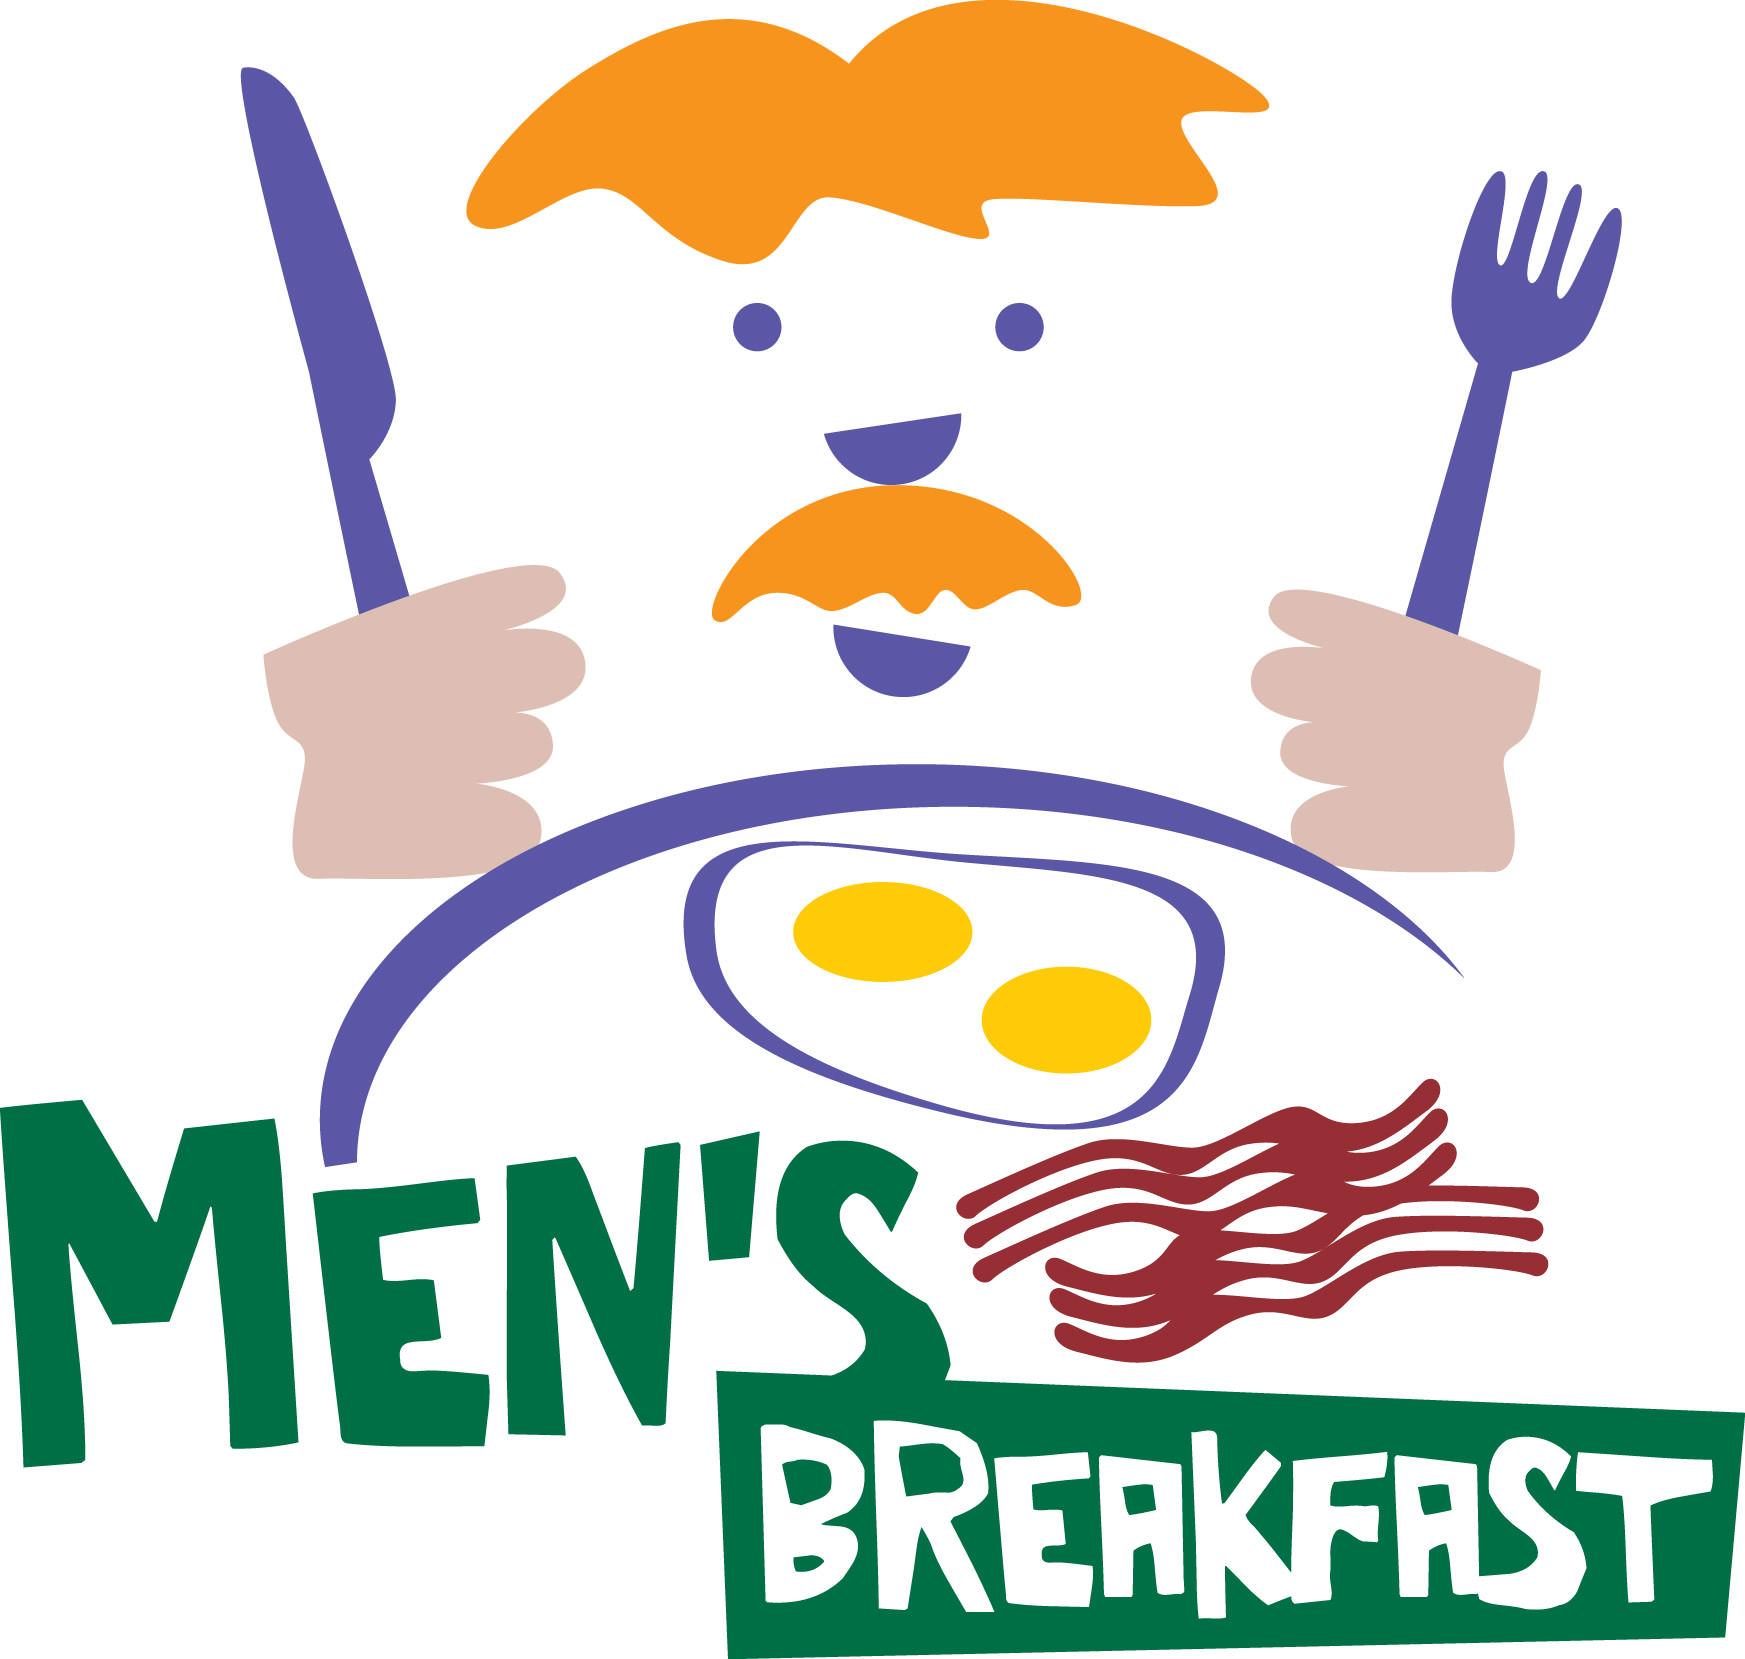 Women clipart breakfast #6